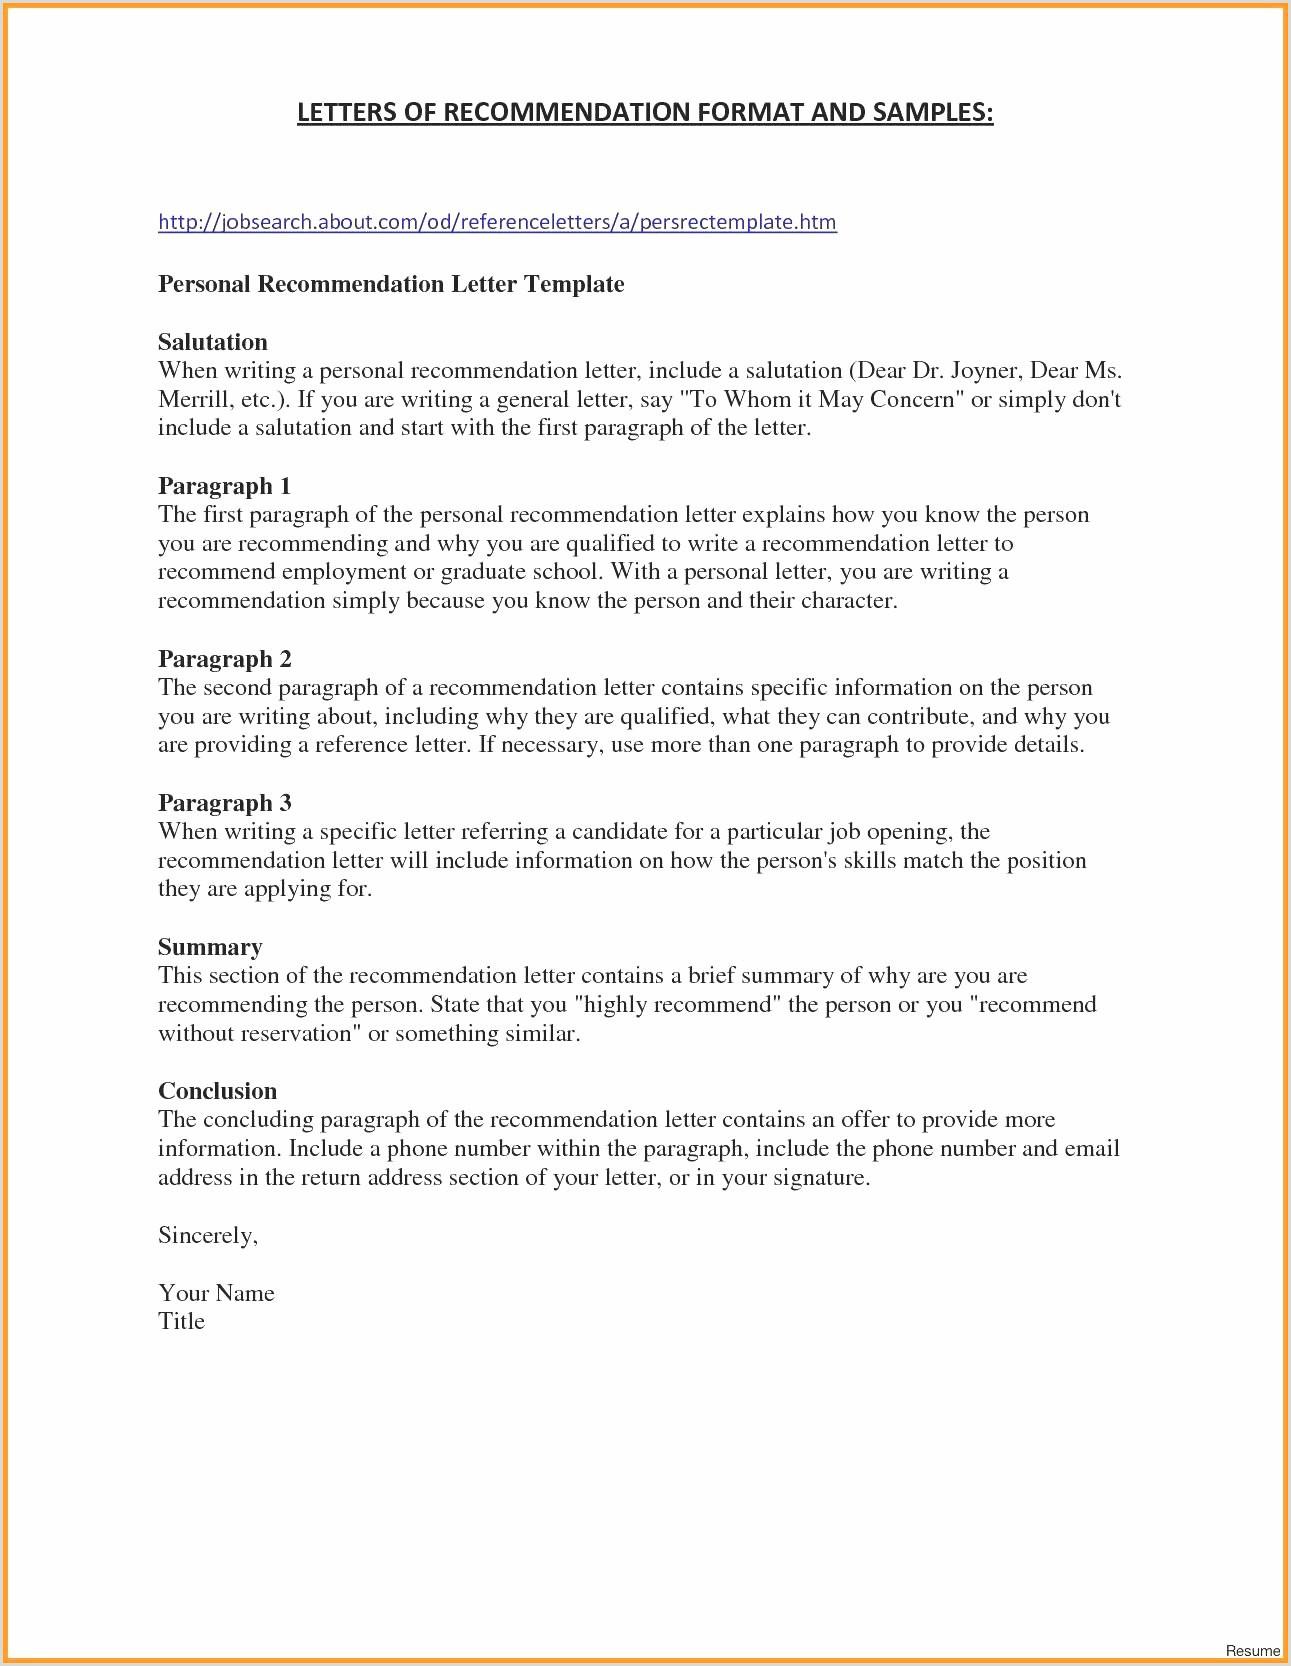 Flight attendant Cover Letter 10 Flight attendant Cover Letter Examples